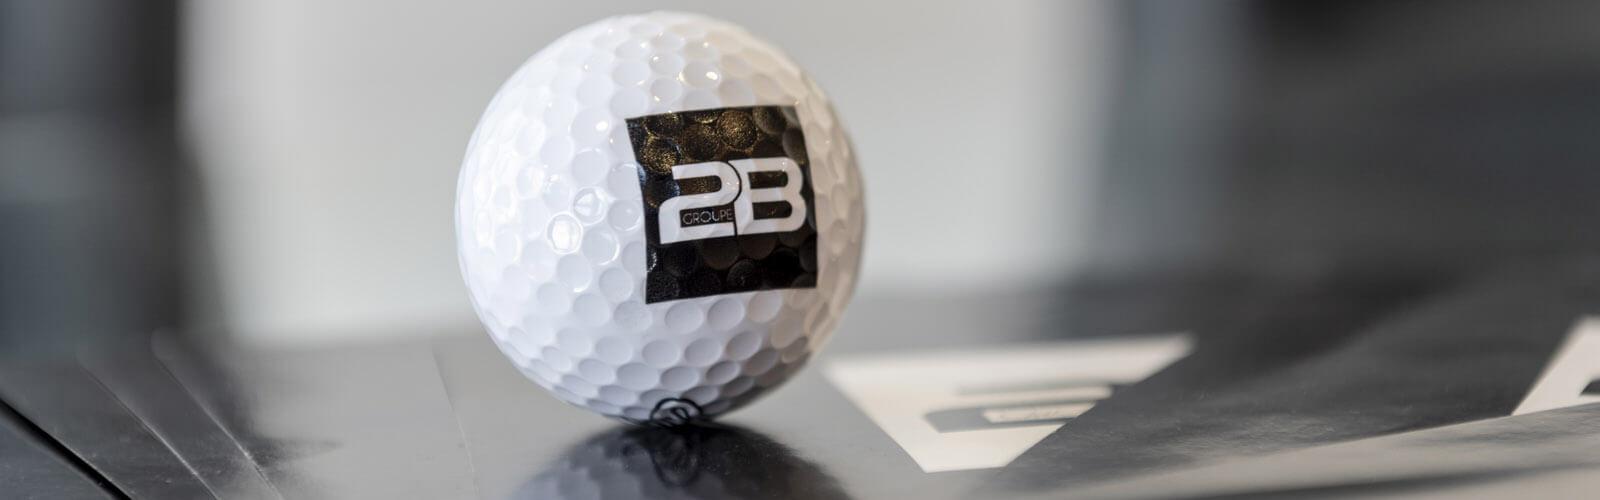 Groupe 2B balle de golf